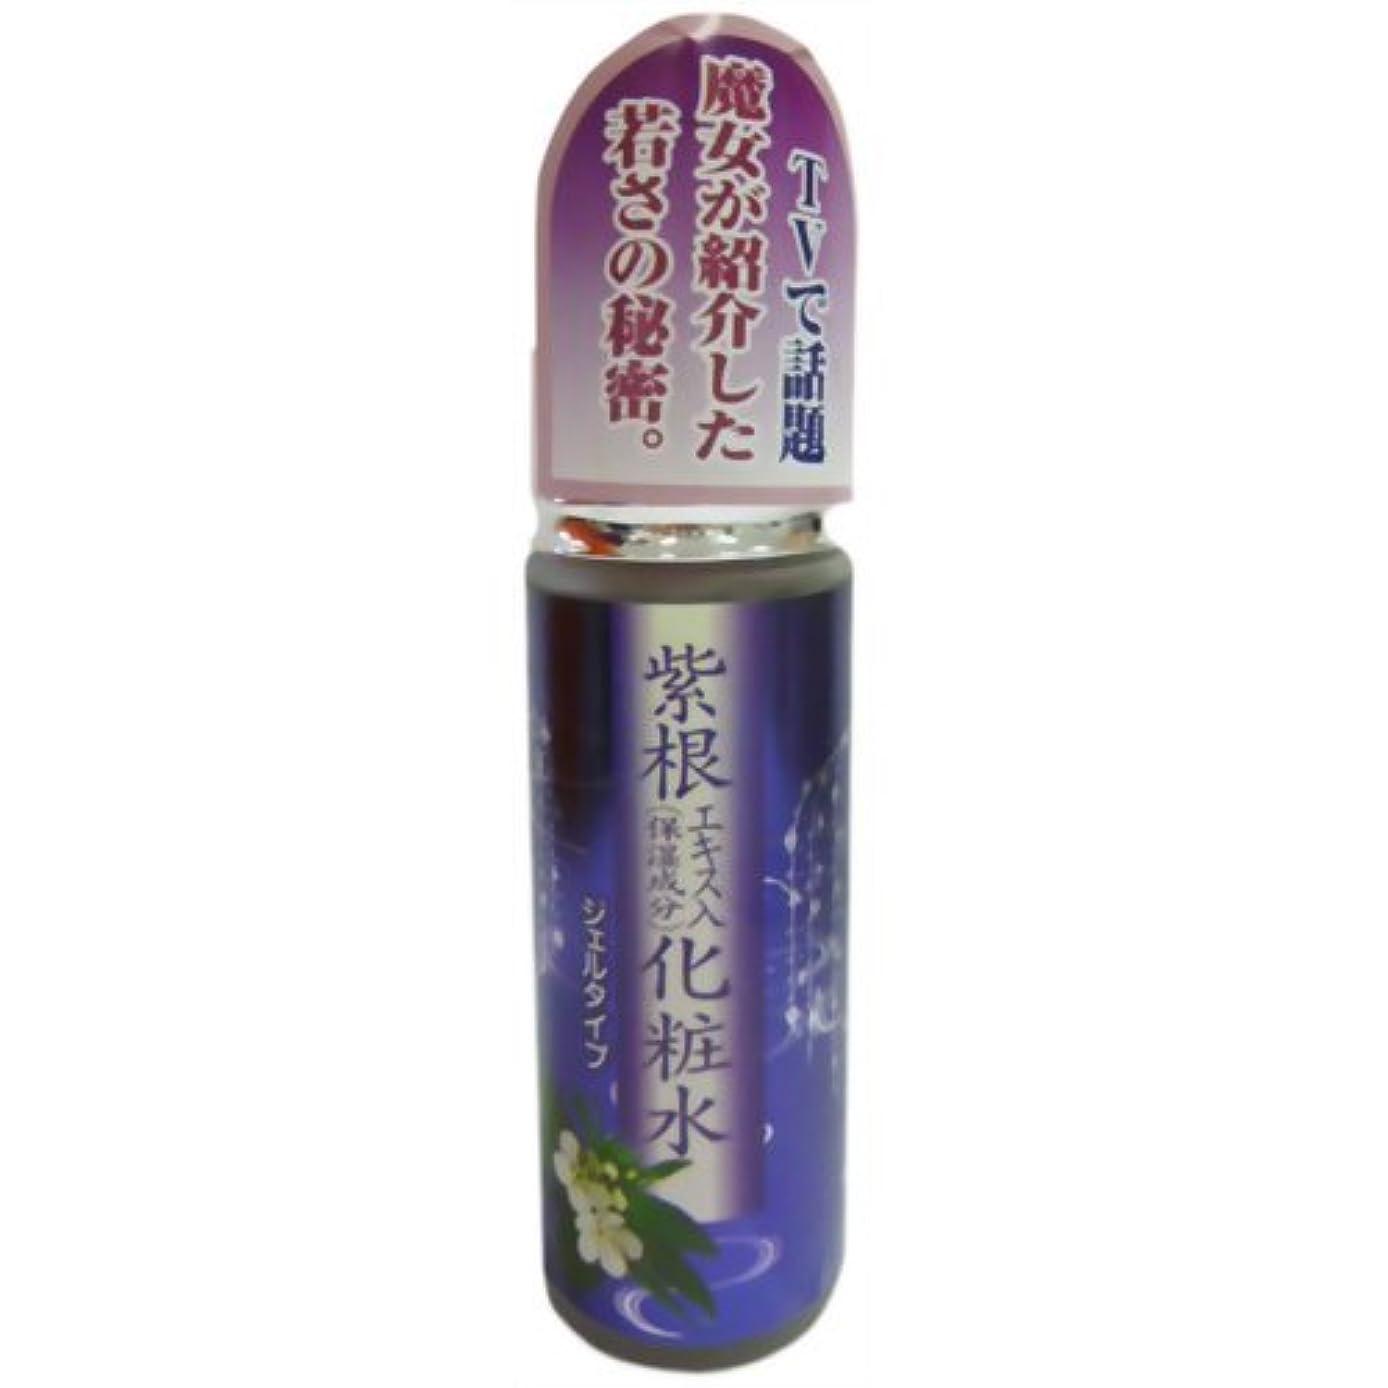 ヤギイブ麻酔薬紫根ジェルローション 120ml